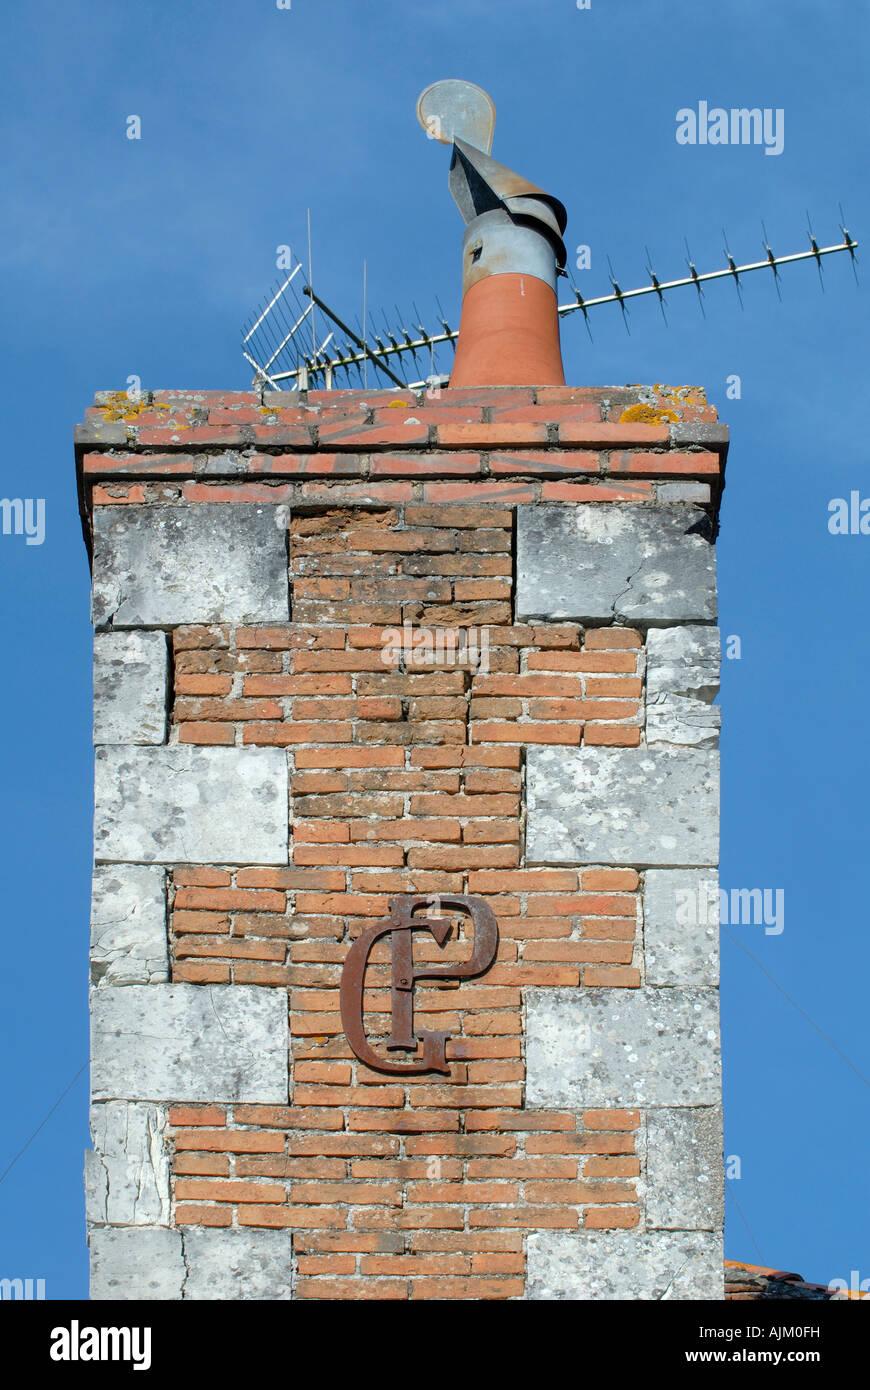 'GP', Chaumussay, Indre-et-Loire, France. - Stock Image